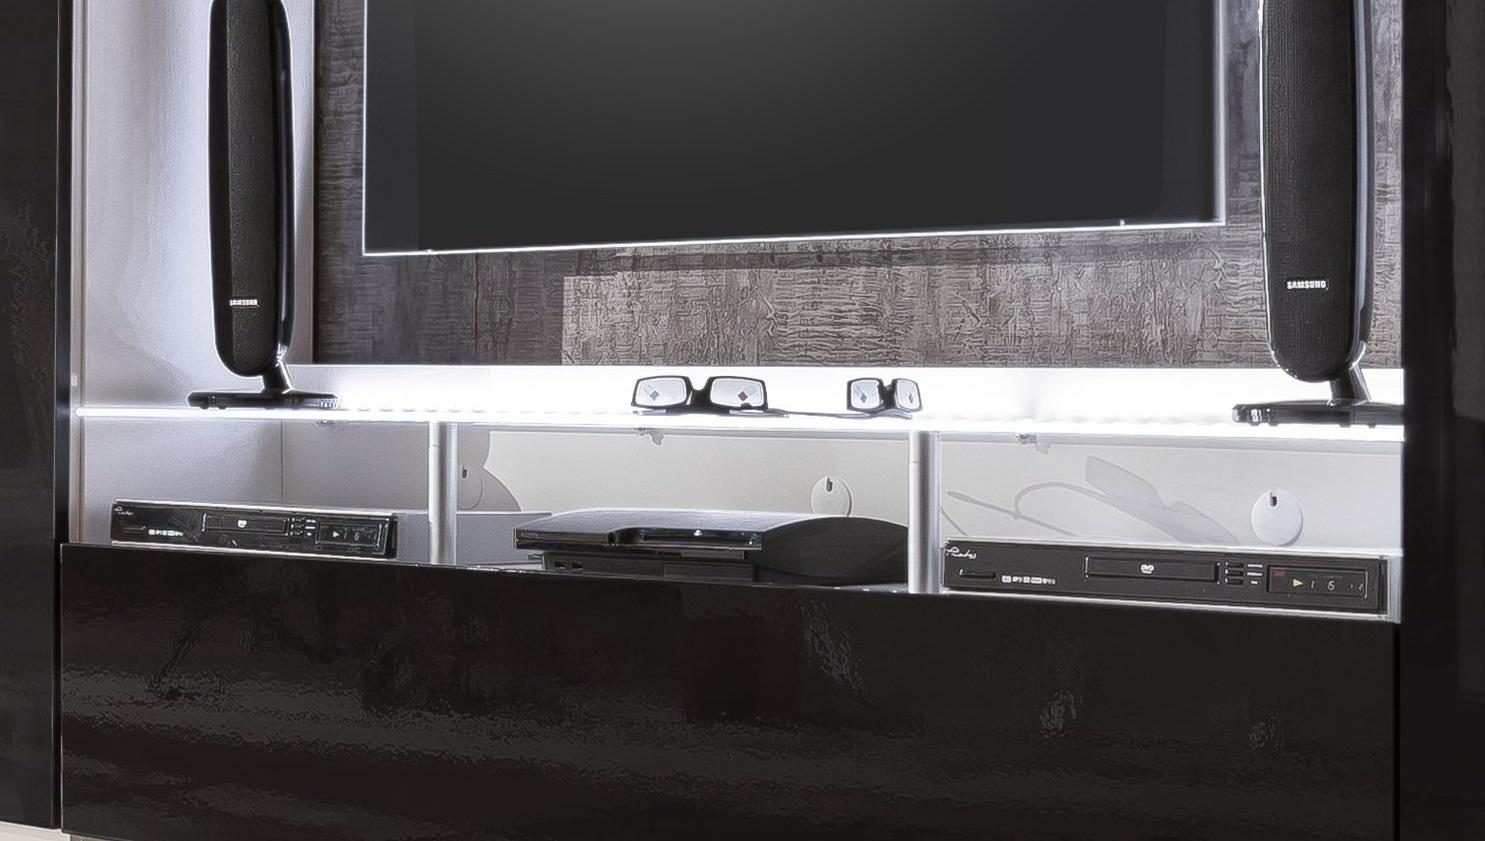 LED-Lichtschiene, Furnika